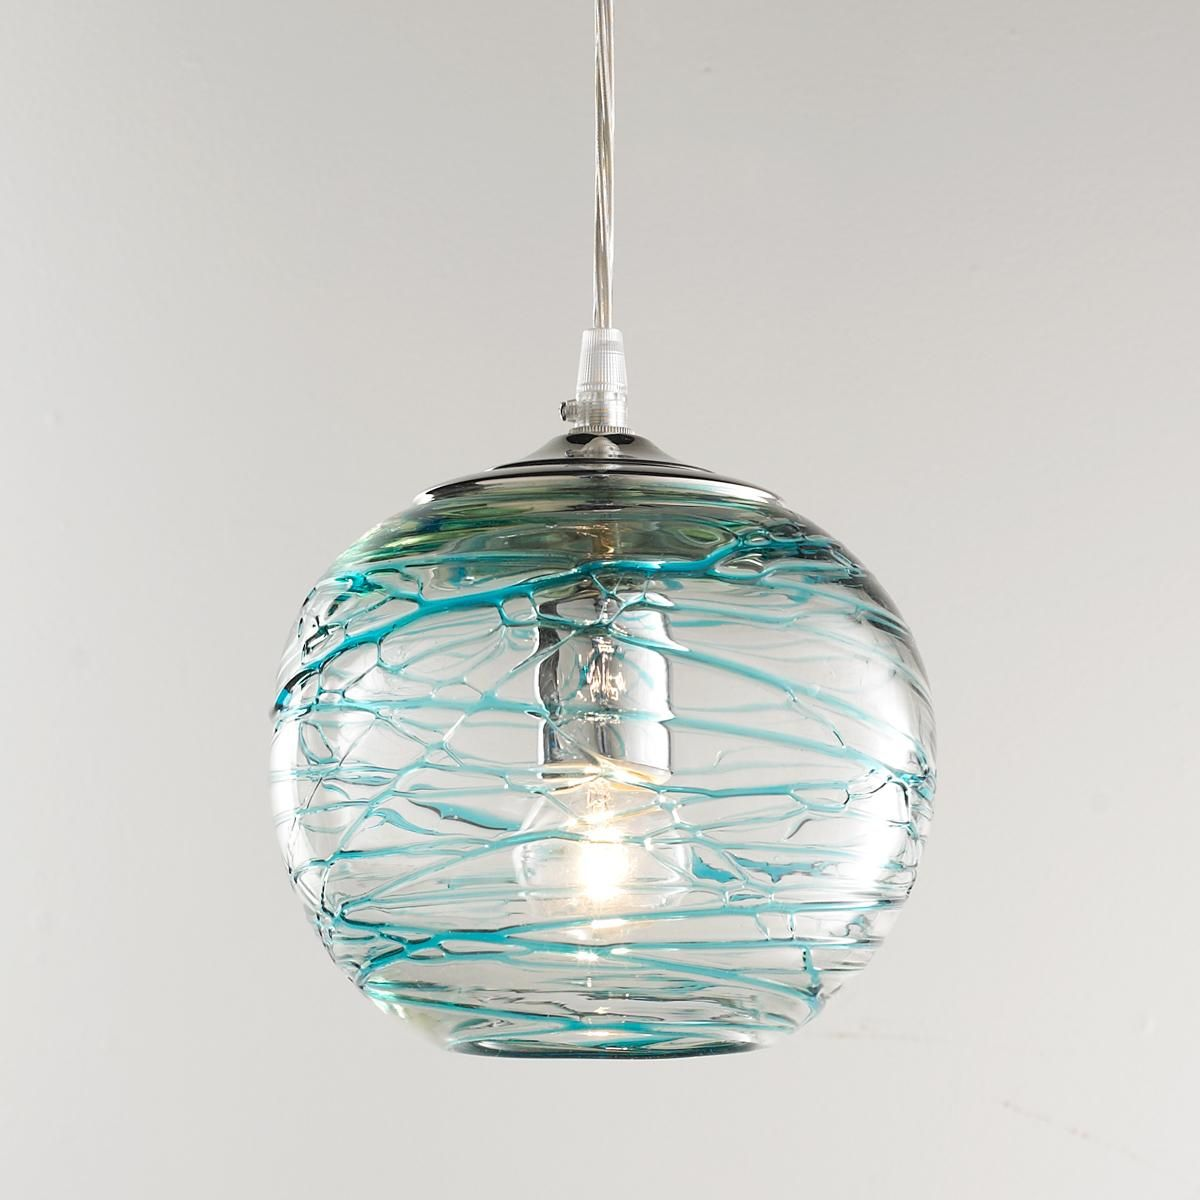 Swirling Glass Globe Pendant Light Light Patterns Dance On The